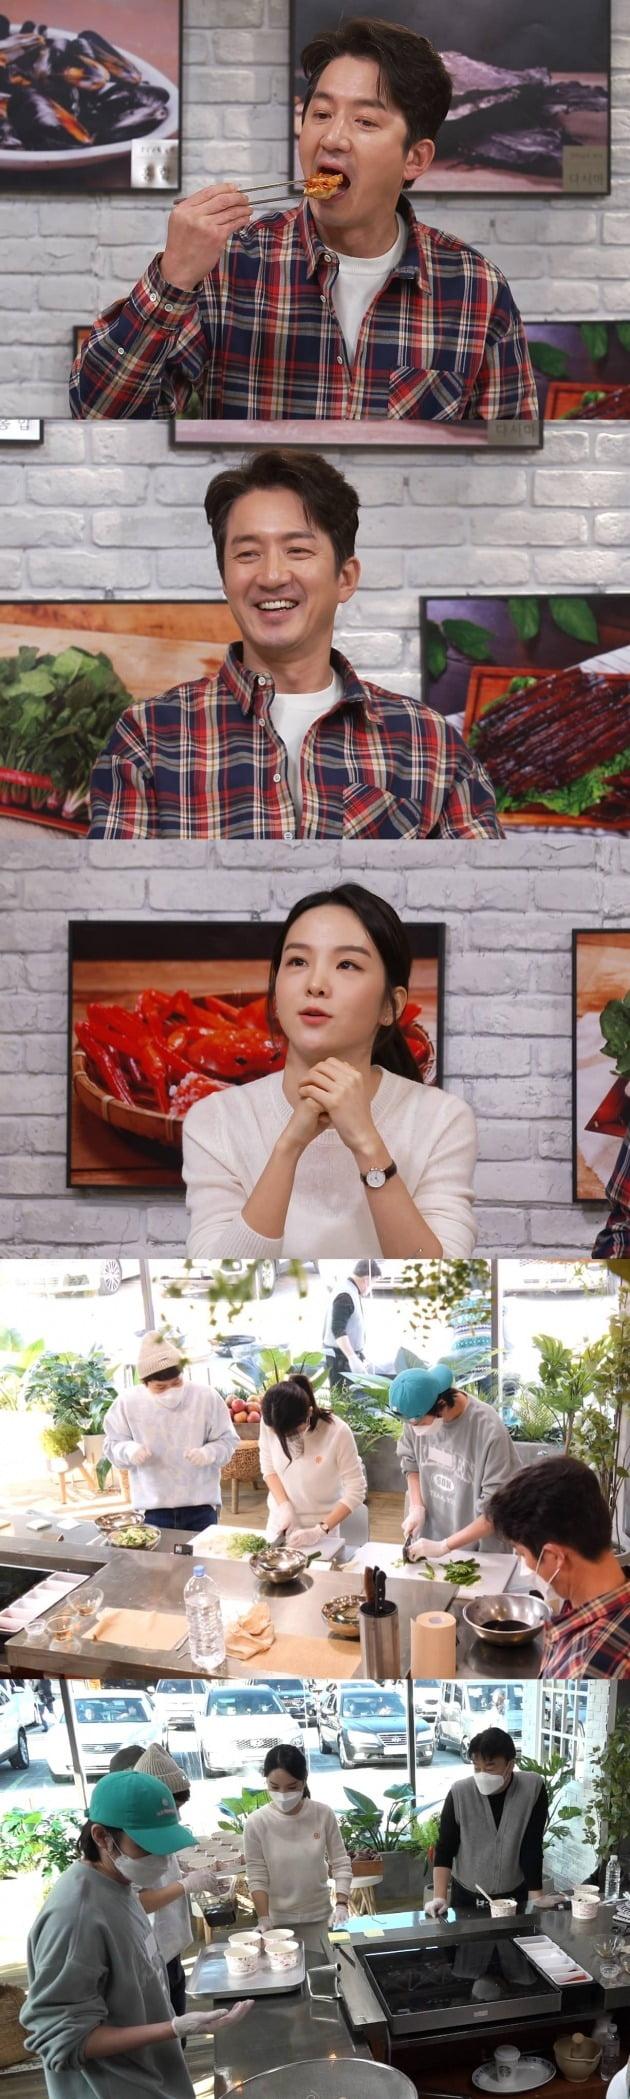 '맛남의 광장' 설날 특집 편 / 사진제공=SBS